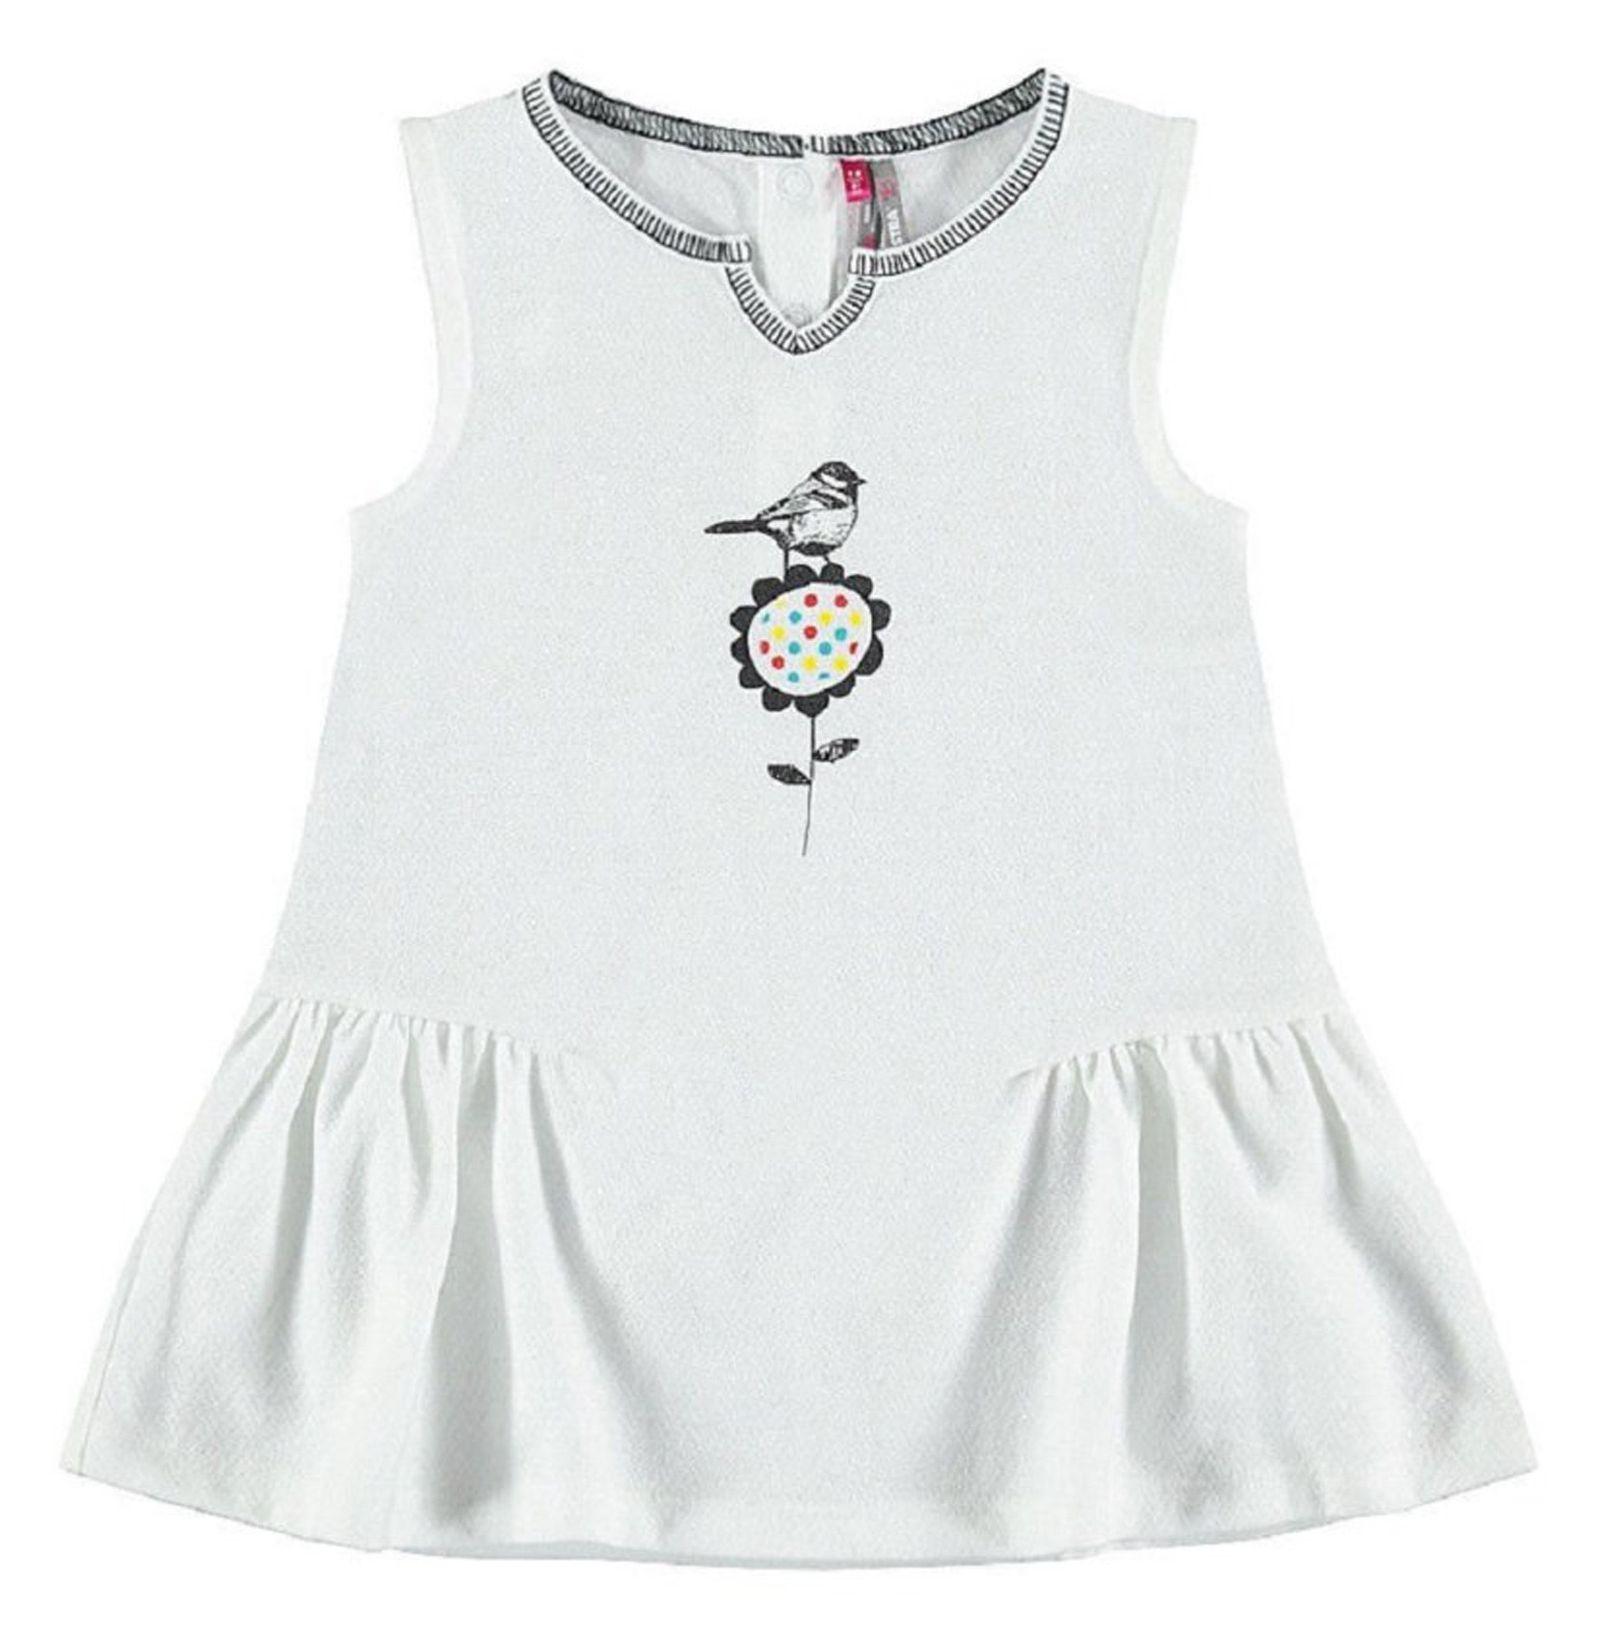 پیراهن نخی بدون آستین نوزادی - ارکسترا - سفيد - 1